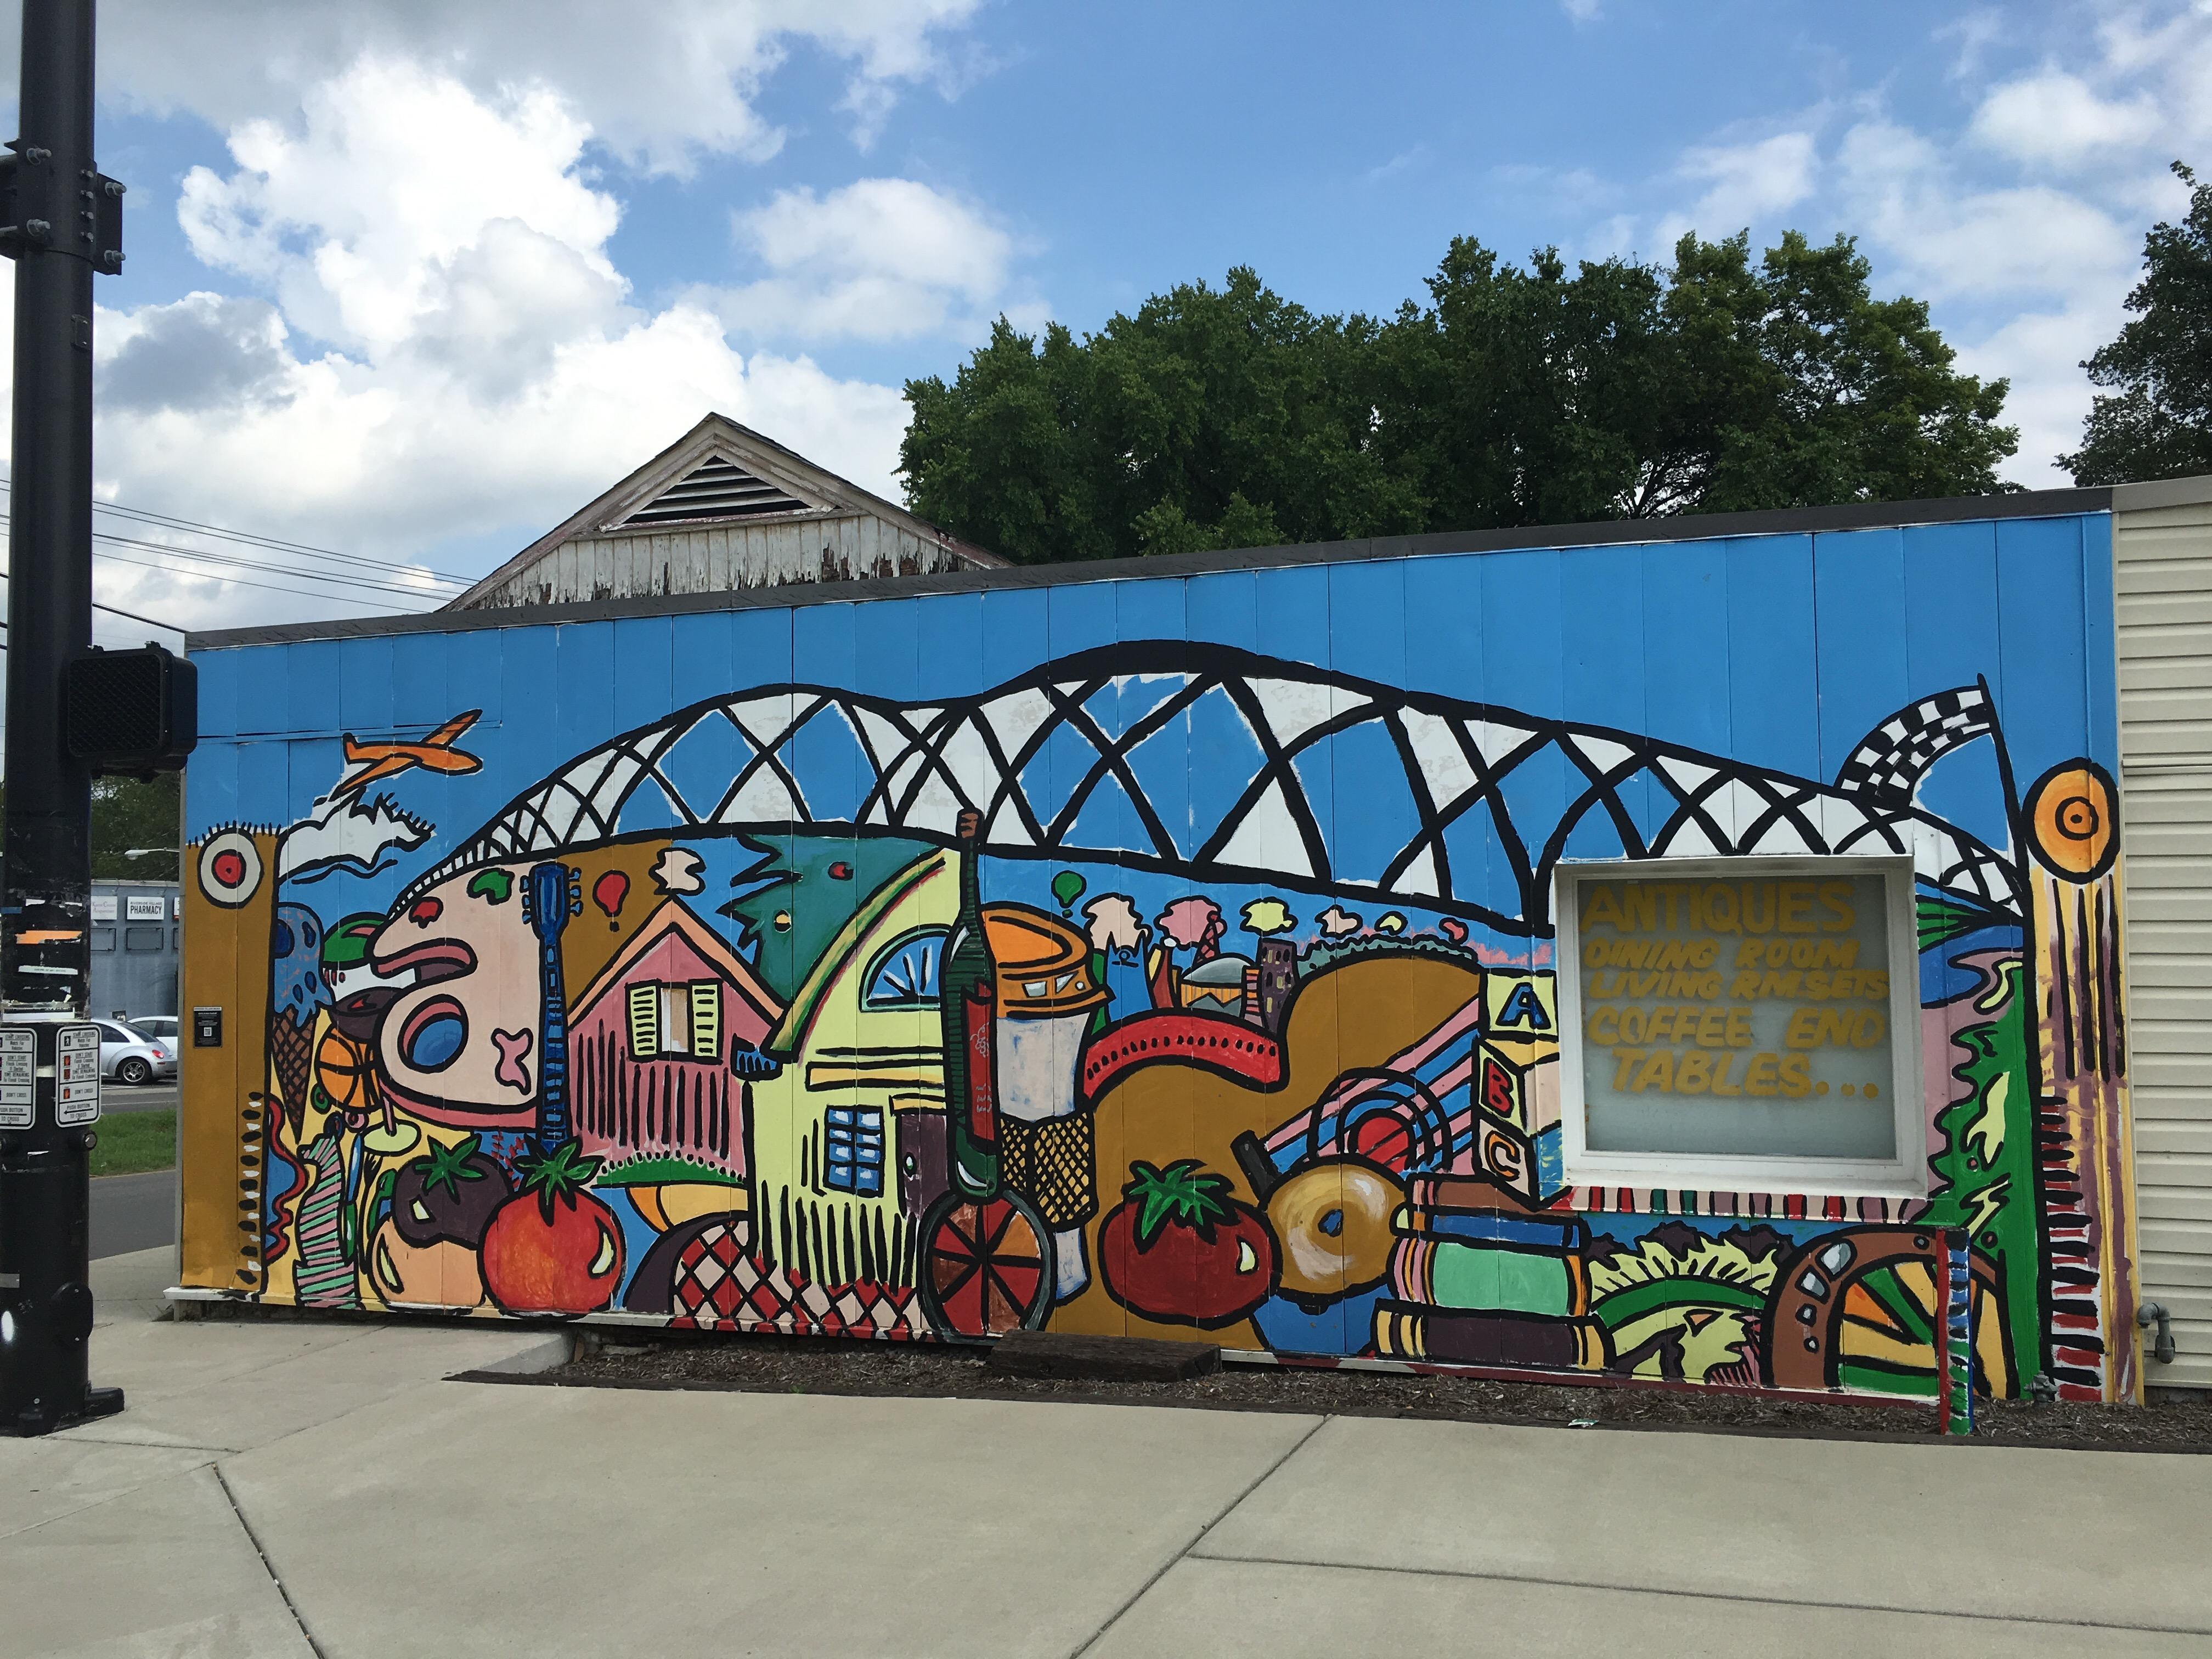 Down By The River Nashville Public Art